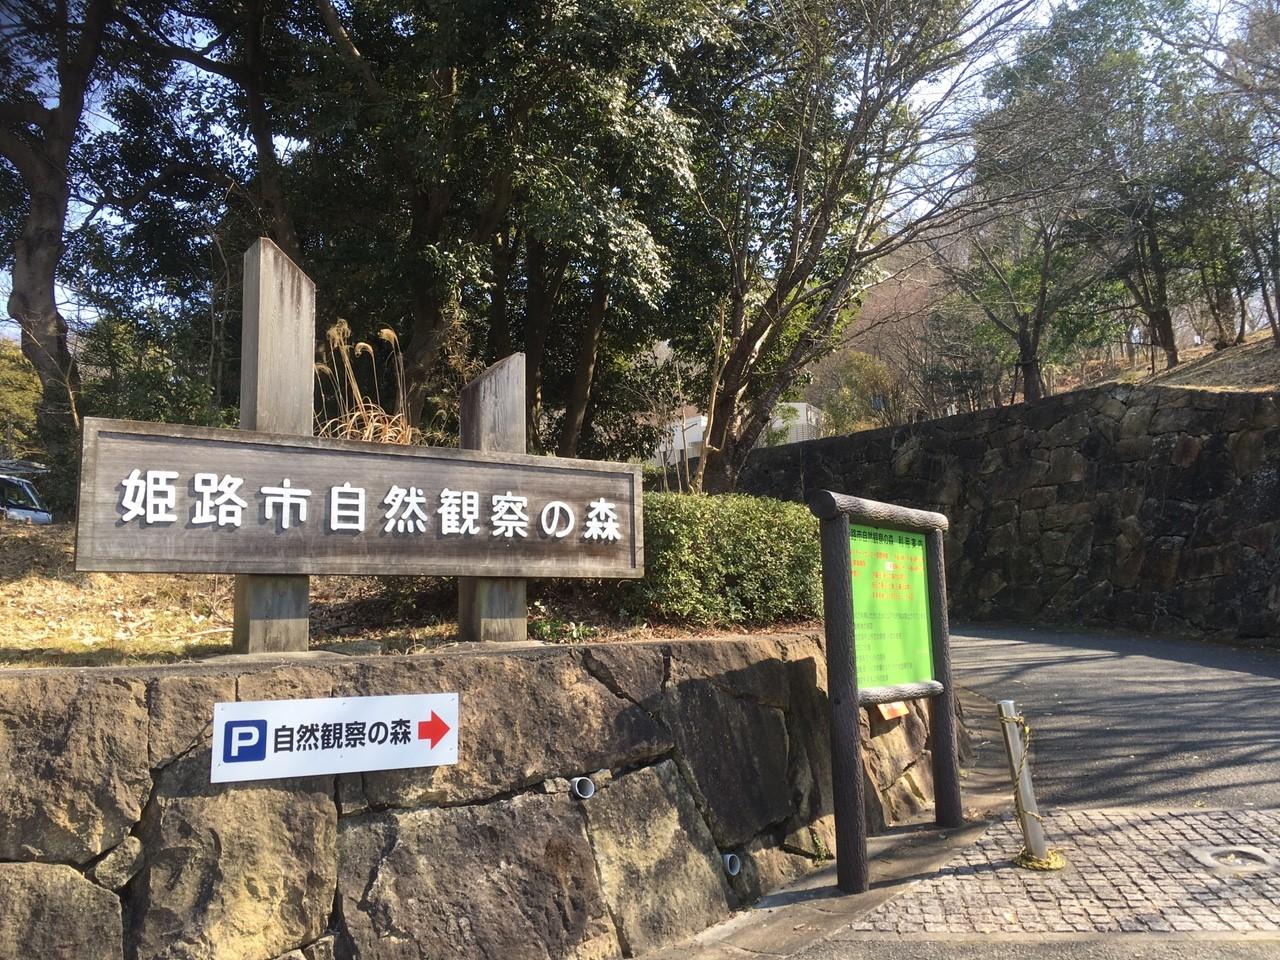 姫路科学館が大規模な改修工事をしている。_3383